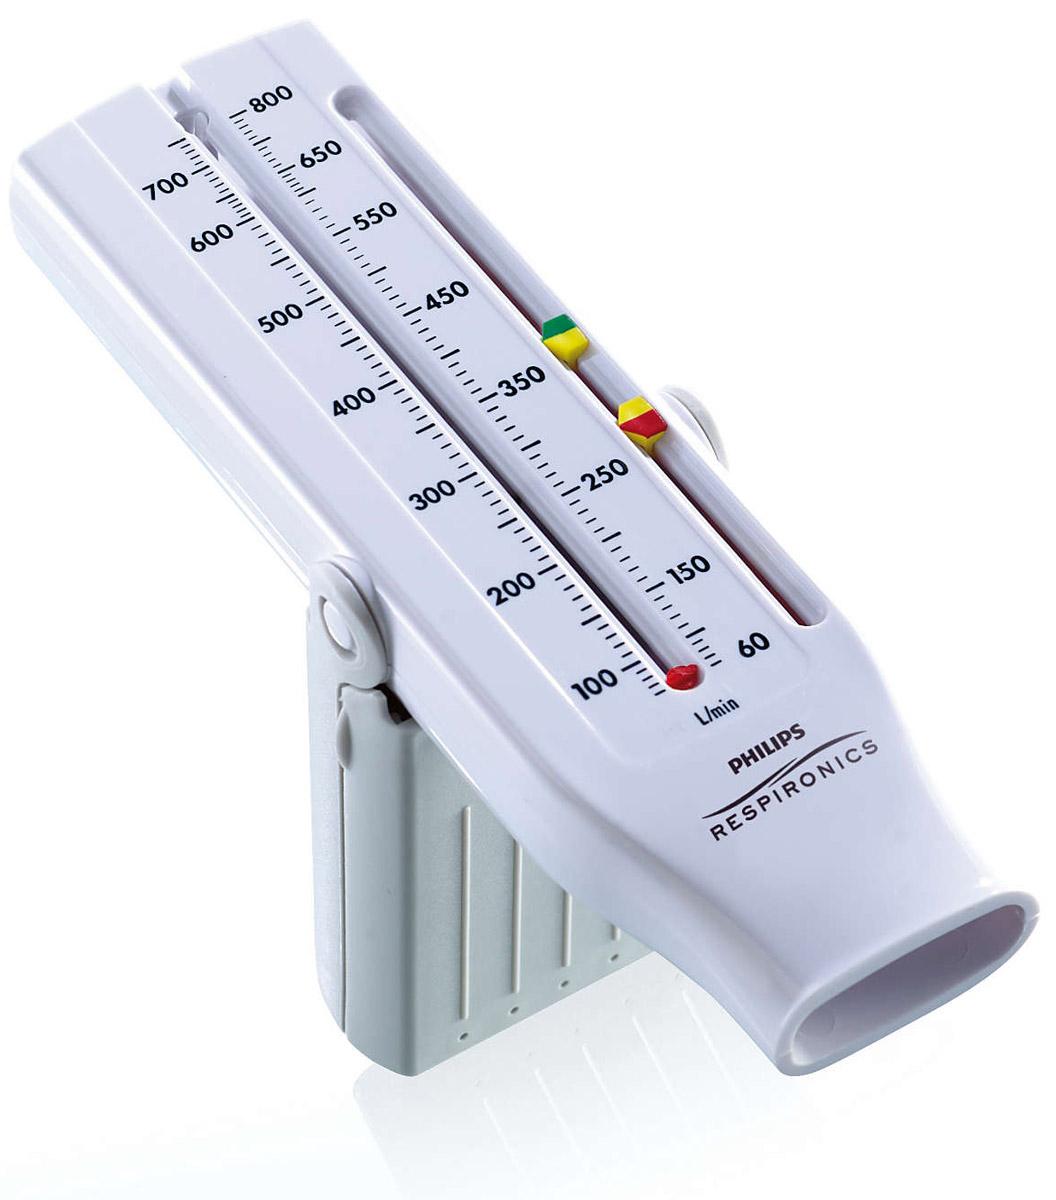 Philips Personal Best HH1327/00 пикфлоуметр полная шкала (для взрослых)1023833Personal Best устанавливает новые стандарты удобства и эффективности использования, а также достоверности данных. Легкая, автономная и портативная конструкция Personal Best предоставляет все инструменты для контроля пикового потока медиками или пациентами в течение всего дня.100% устройств Personal Best проходят контроль качества, который проводится на заводе перед отправкой. Поддержание точности и воспроизводимости данных гарантируется в течение как минимум двух лет.Встроенная ручка помогает пациентам правильно использовать Personal Best. При переноске ручка трансформируется в удобный кейс, который защищает устройство.Встроенная система помогает пациентам соблюдать режимы терапии. Настройки цветных индикаторов можно отрегулировать для обозначения зеленой, желтой и красной зон пациента с учетом персональной пиковой скорости выдоха.Возможность стерилизации обеспечивает гигиеничность. Защита уменьшает риск возникновения перекрестного заражения во время обследования нескольких пациентов, а односторонний клапан предотвращает случайное вдыхание воздуха через пикфлоуметр при оценке пиковой скорости выдоха.Данный пикфлоуметр соответствует или превышает требования стандартов Национальной программы по оповещению и предотвращению астмы в отношении пикфлоуметров, которые основаны на стандартизации спирометрии Американского общества специалистов в области торакальной медицины в редакции 1994 года (26 волн).